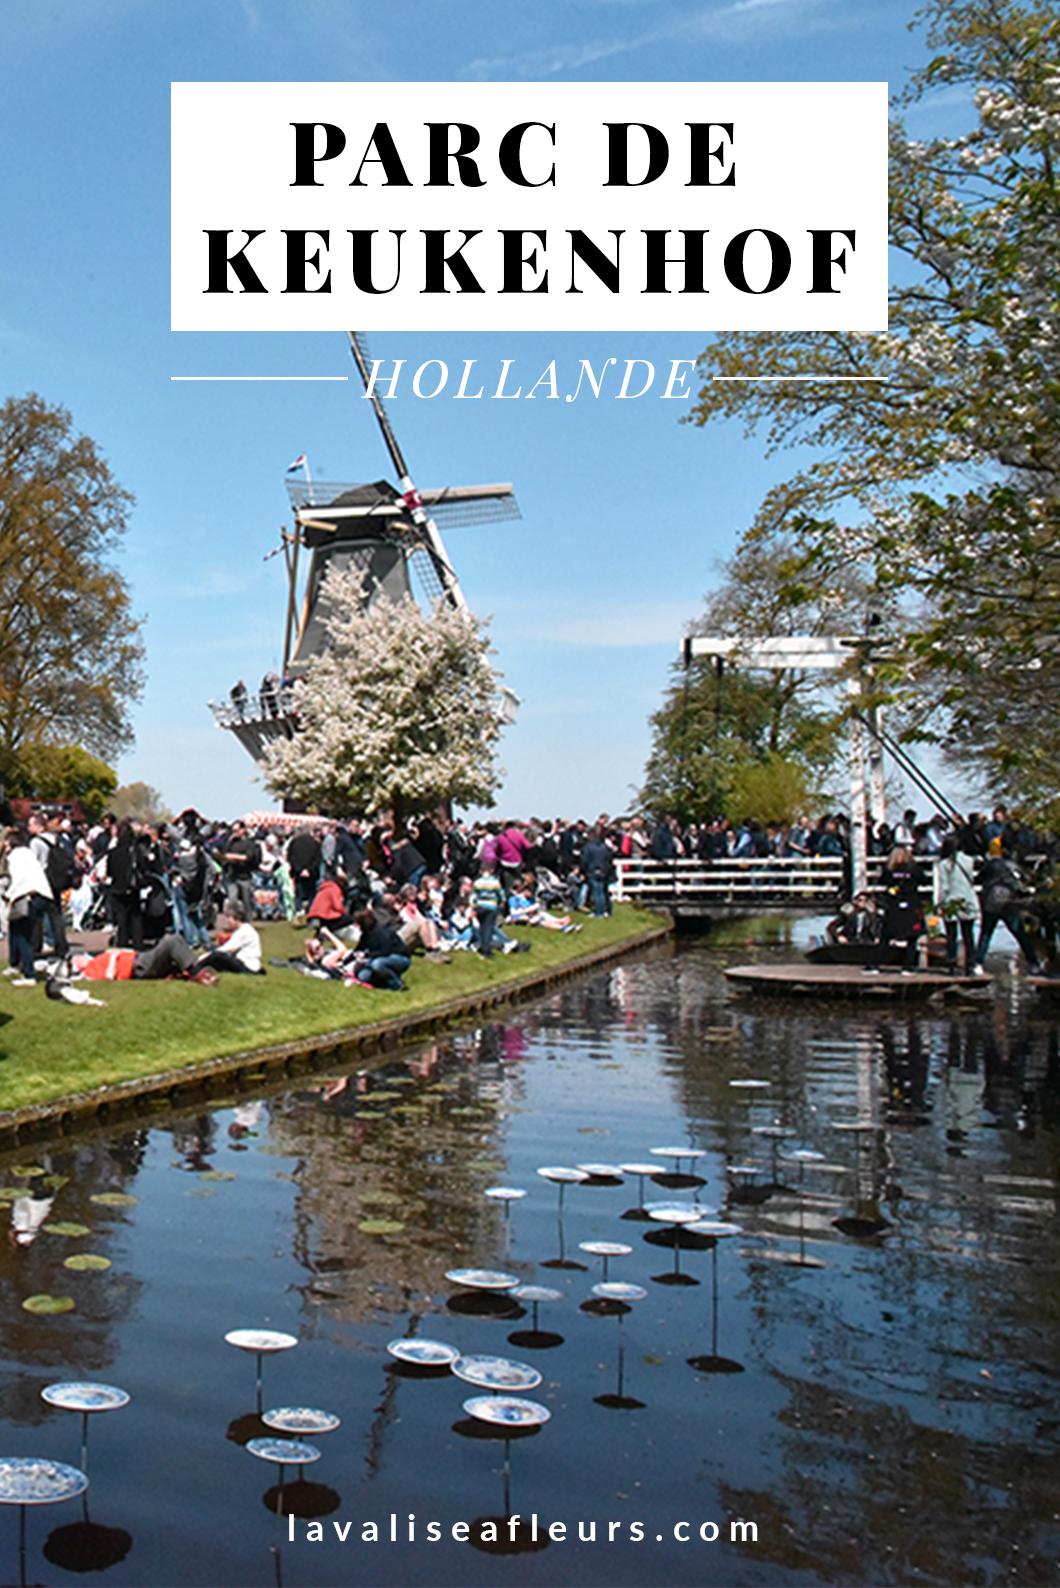 Parc aux tulipes de Keukenhof, visite incontournable en Hollande